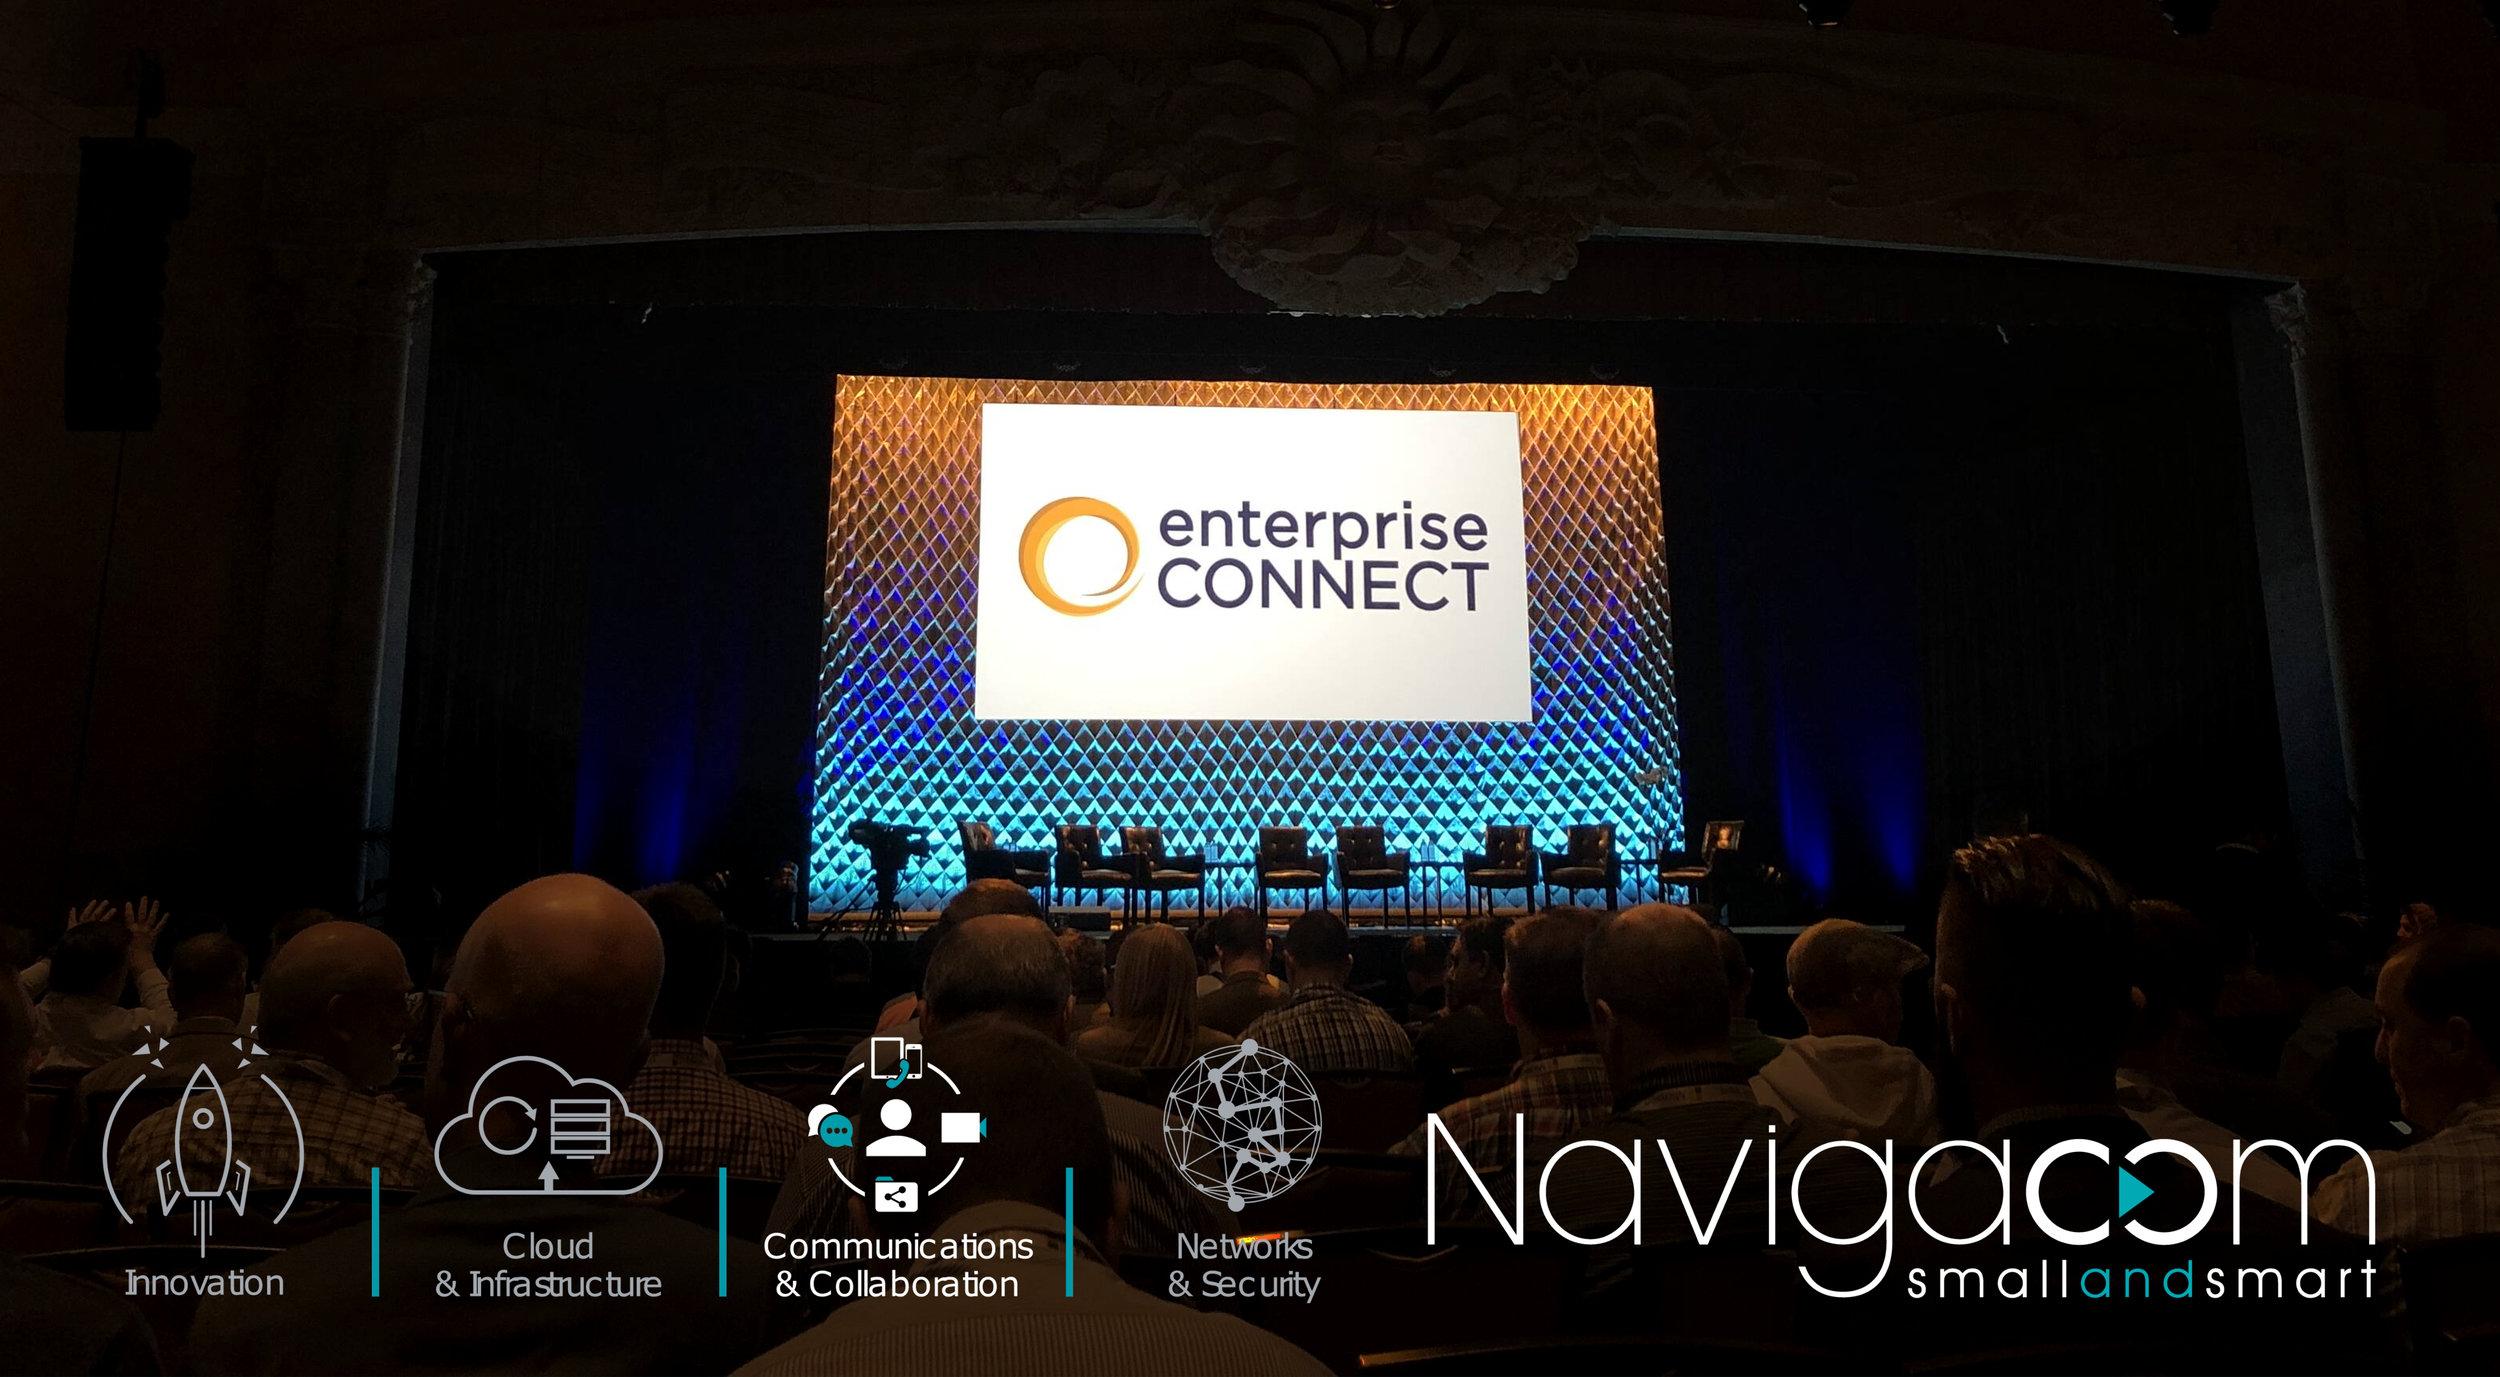 20190320_Orlando-enterprise-connect.jpg